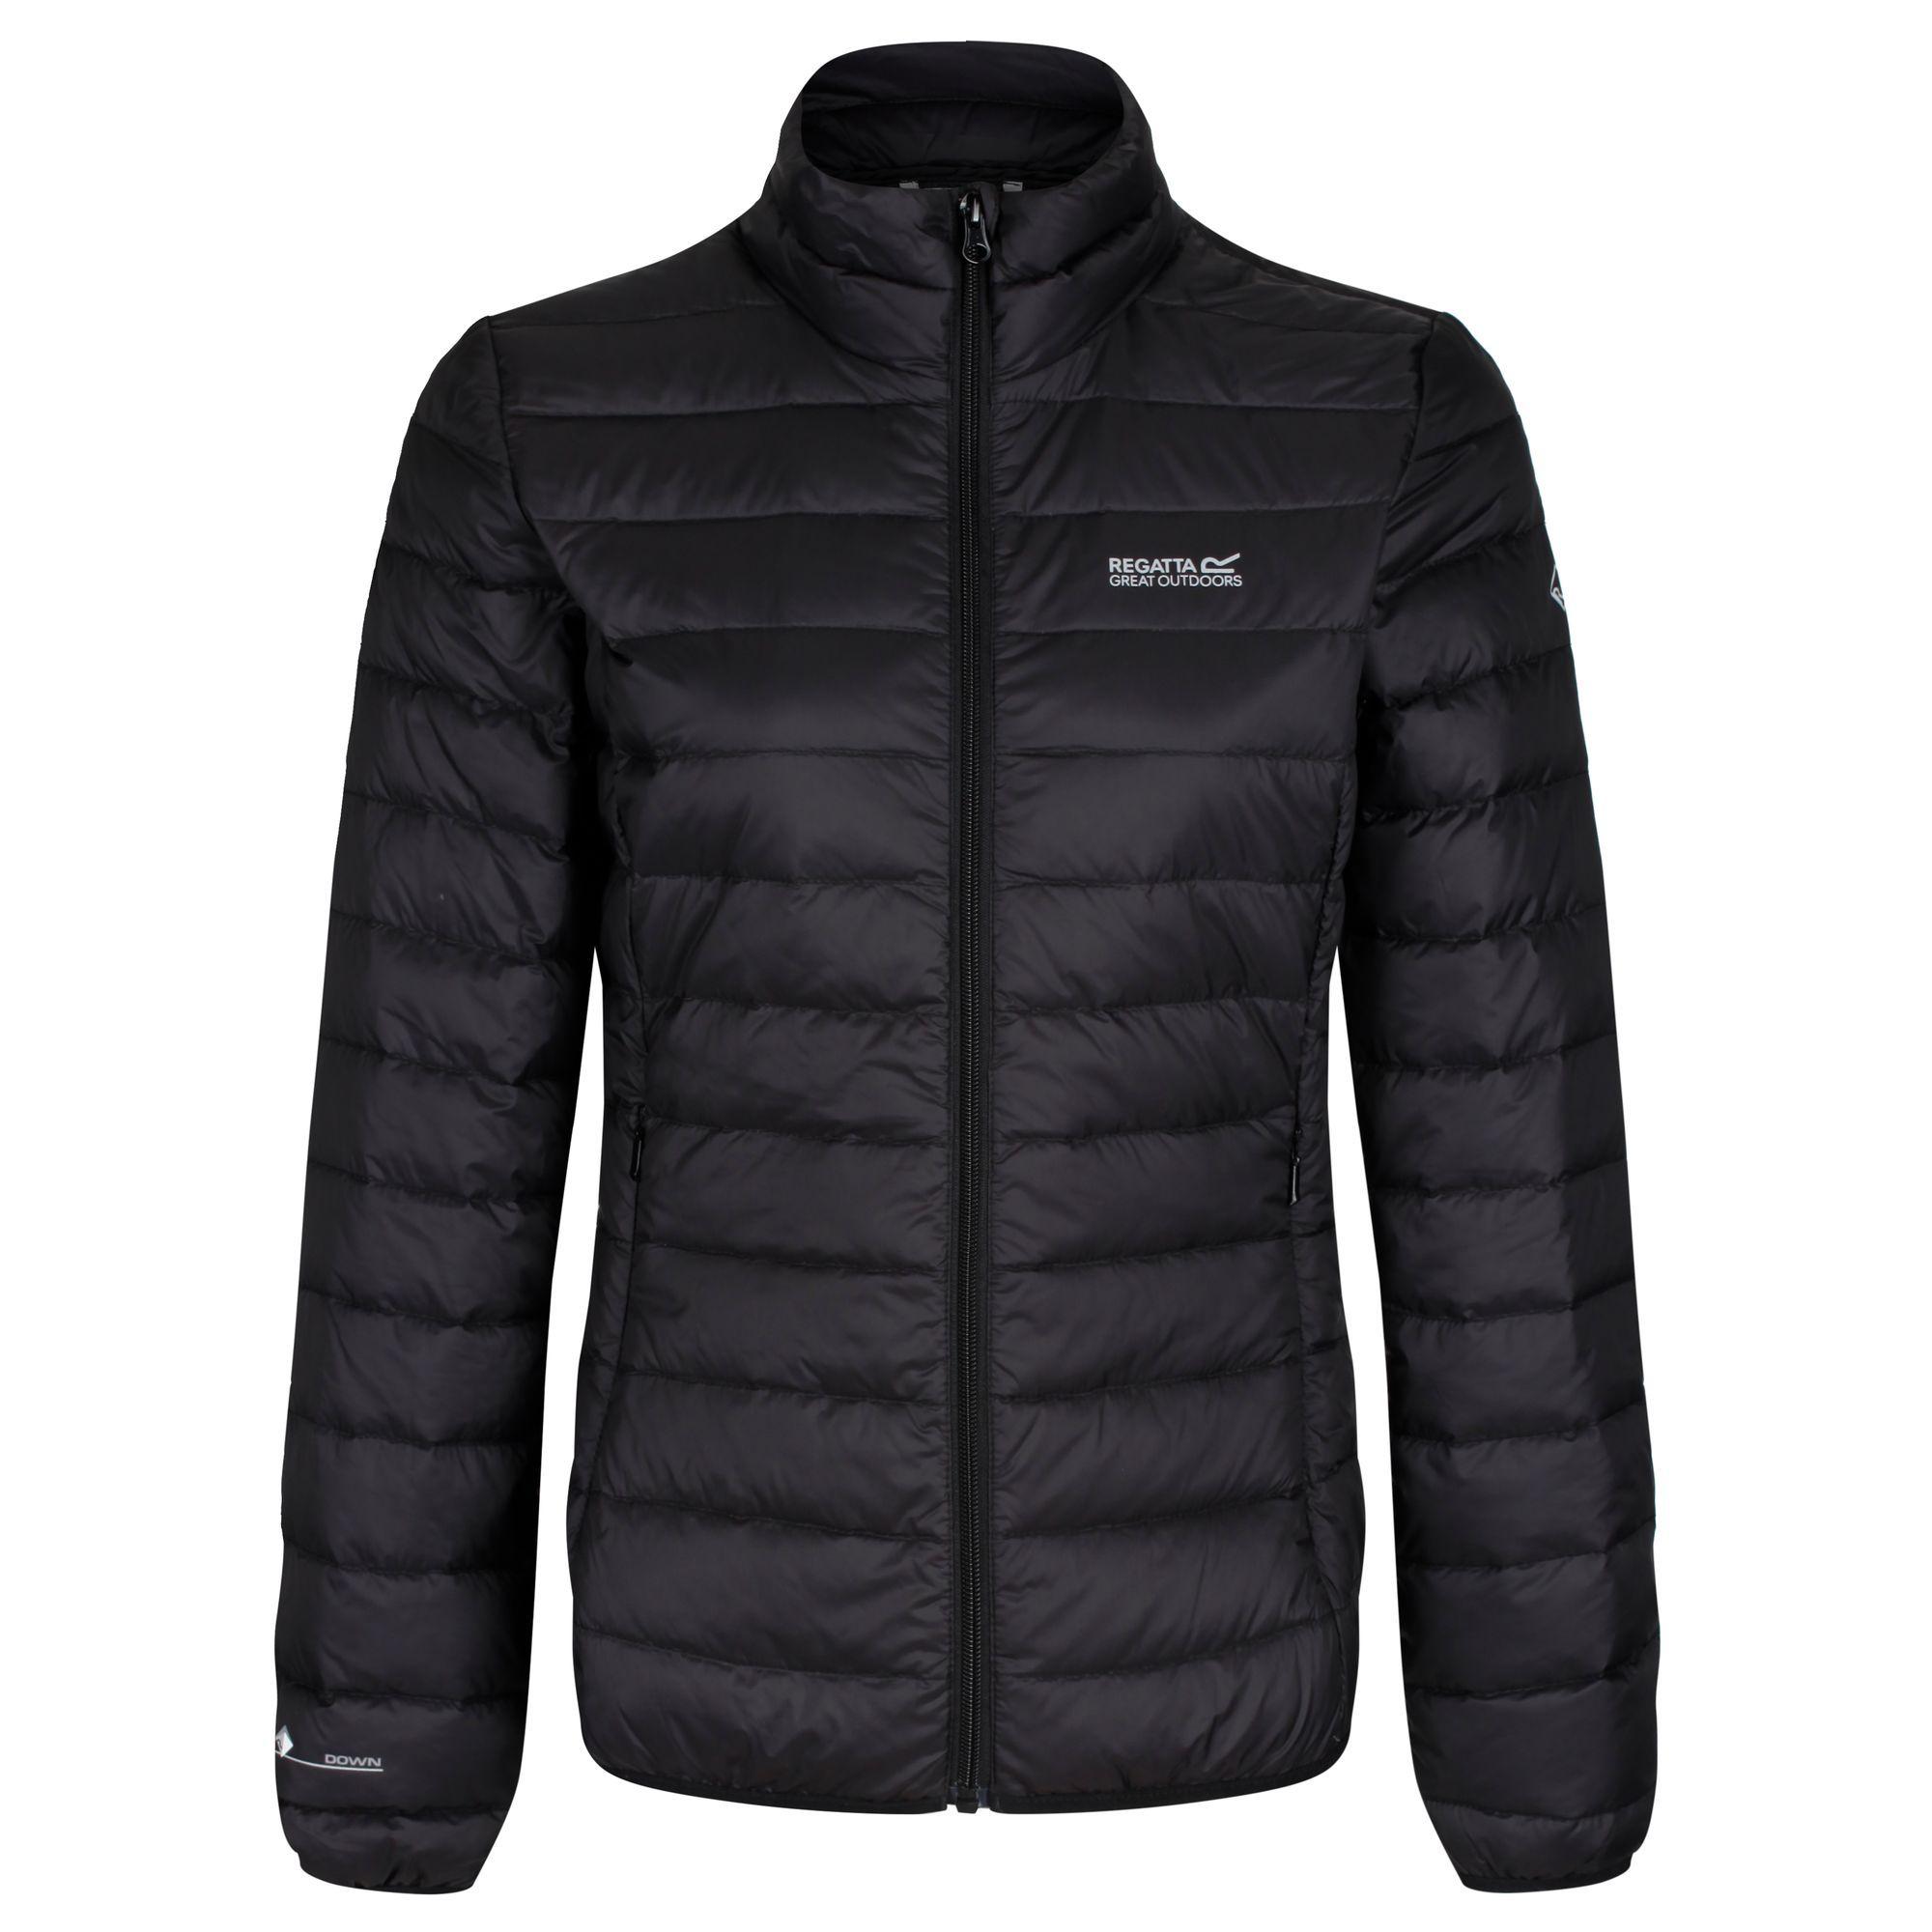 Regatta Womens/Ladies Whitehill Jacket